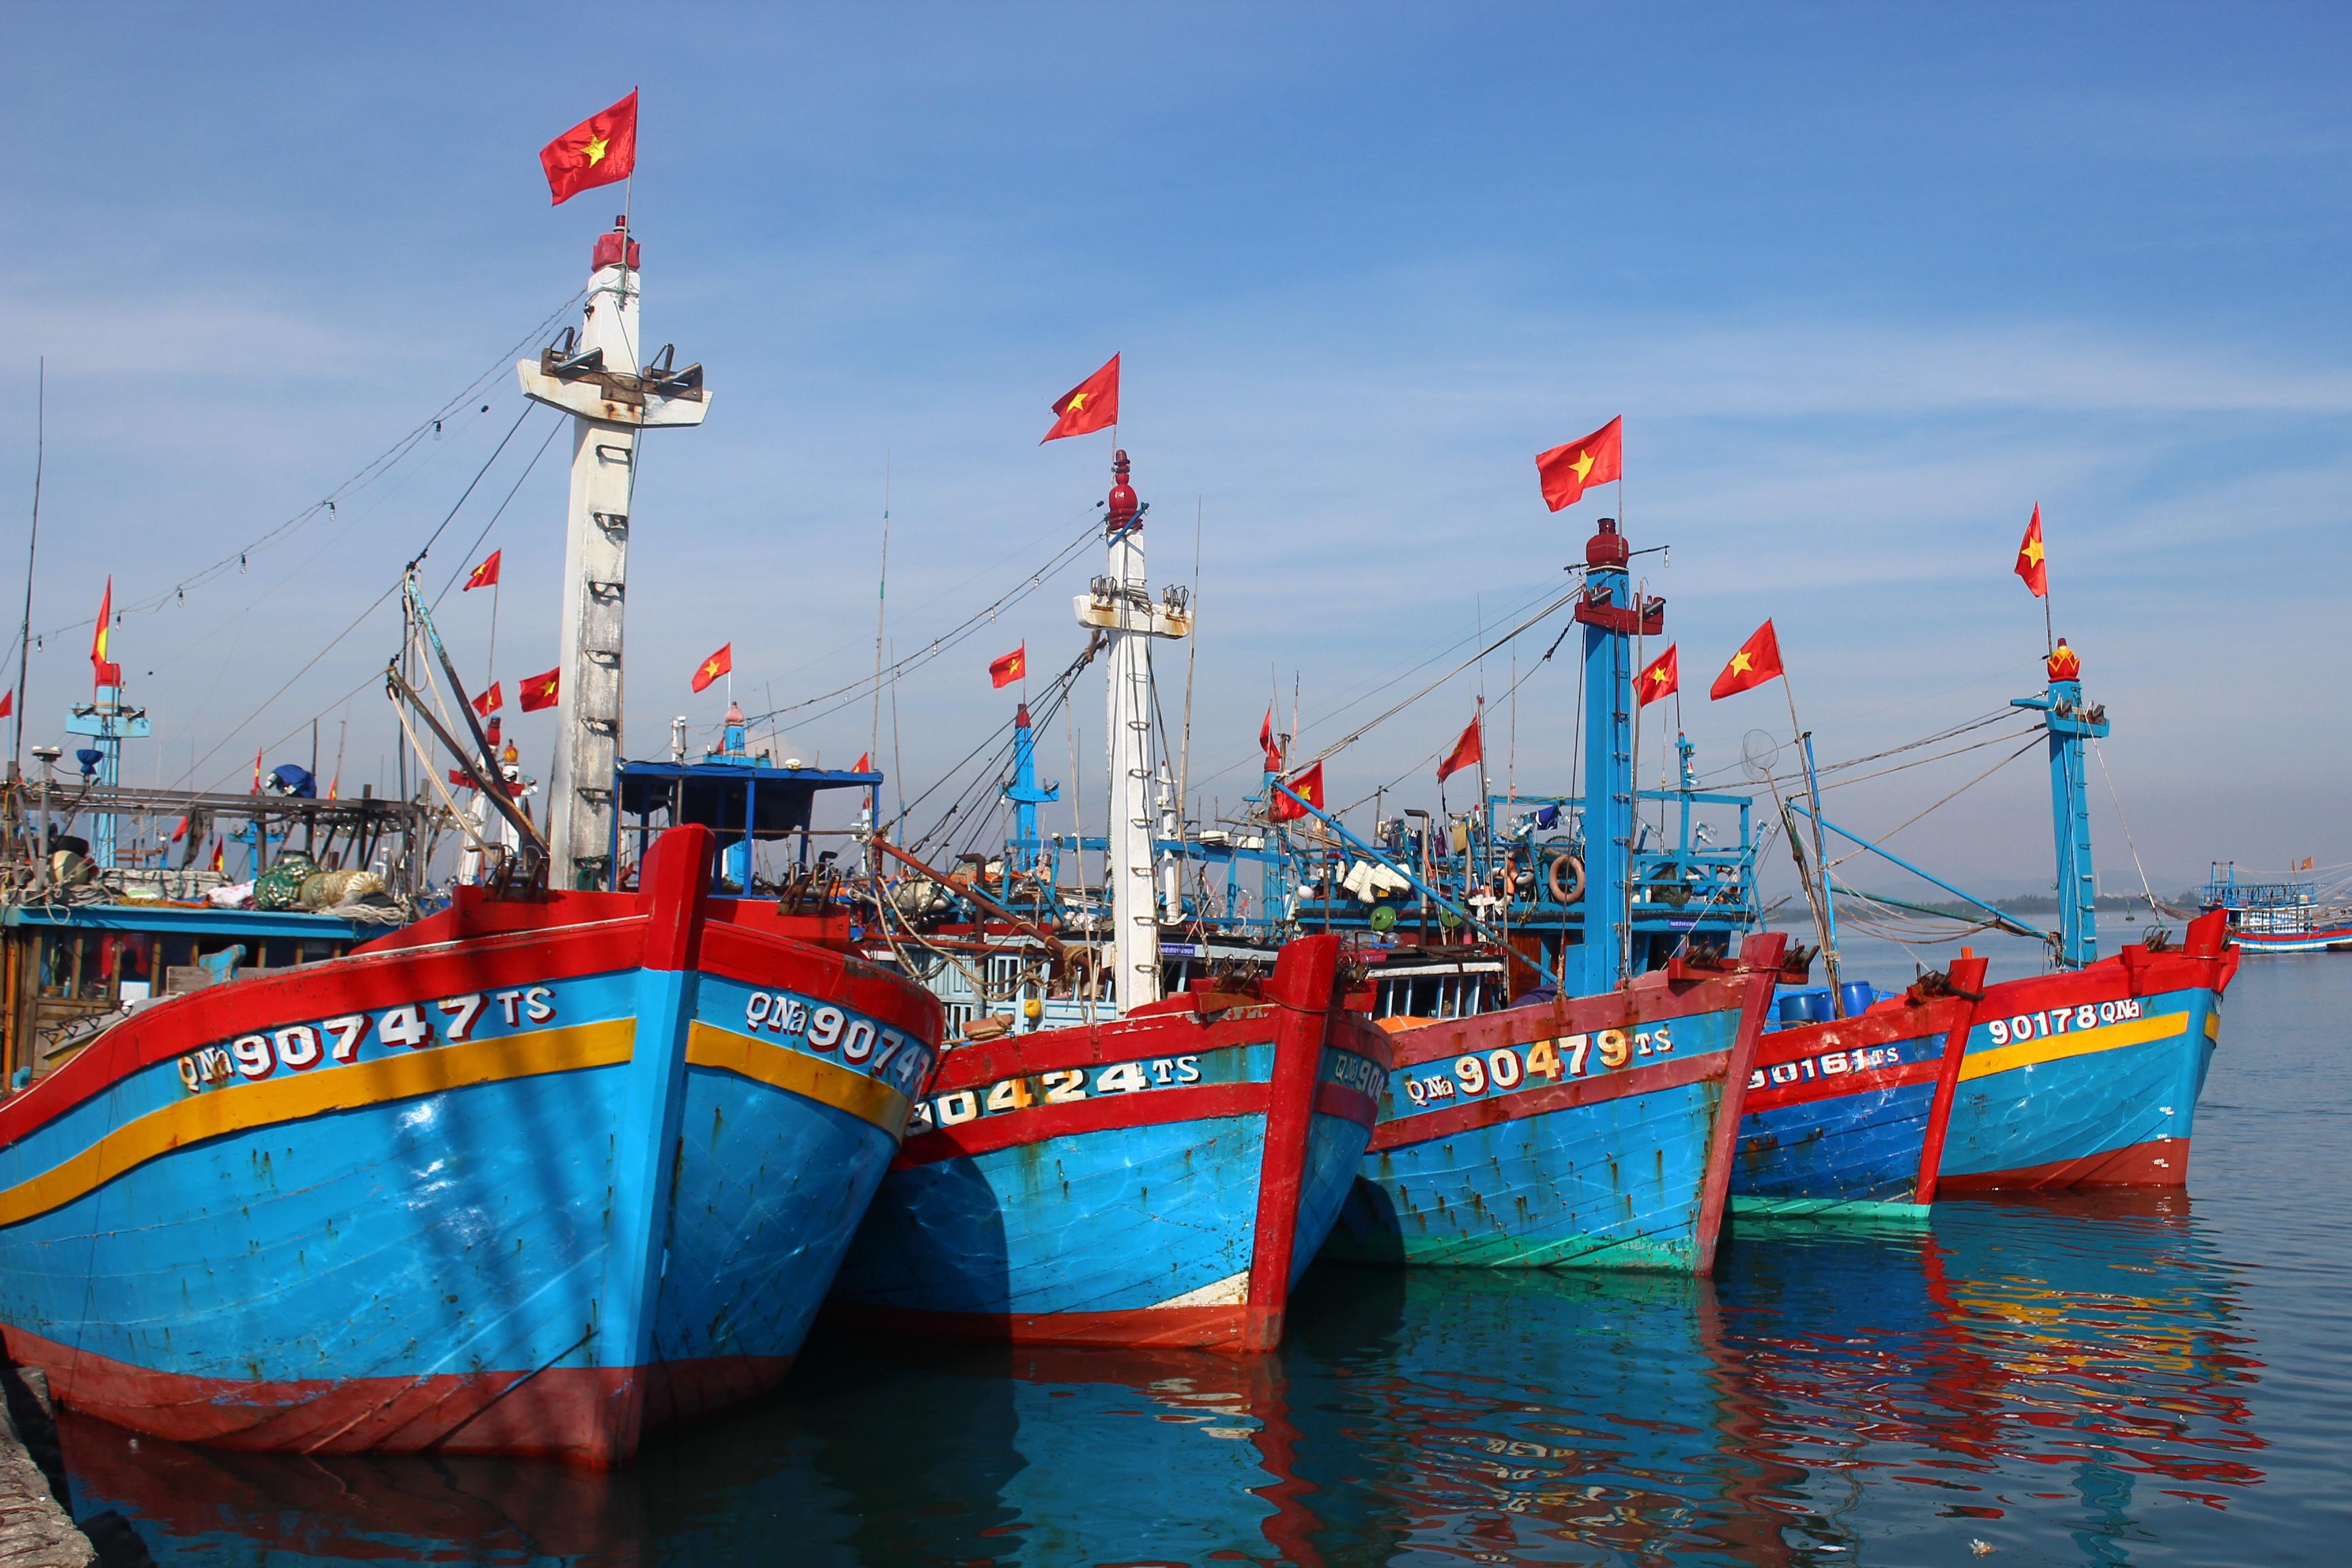 Bảo hiểm thân tàu cá & Trách nhiệm dân sự chủ tàu cá